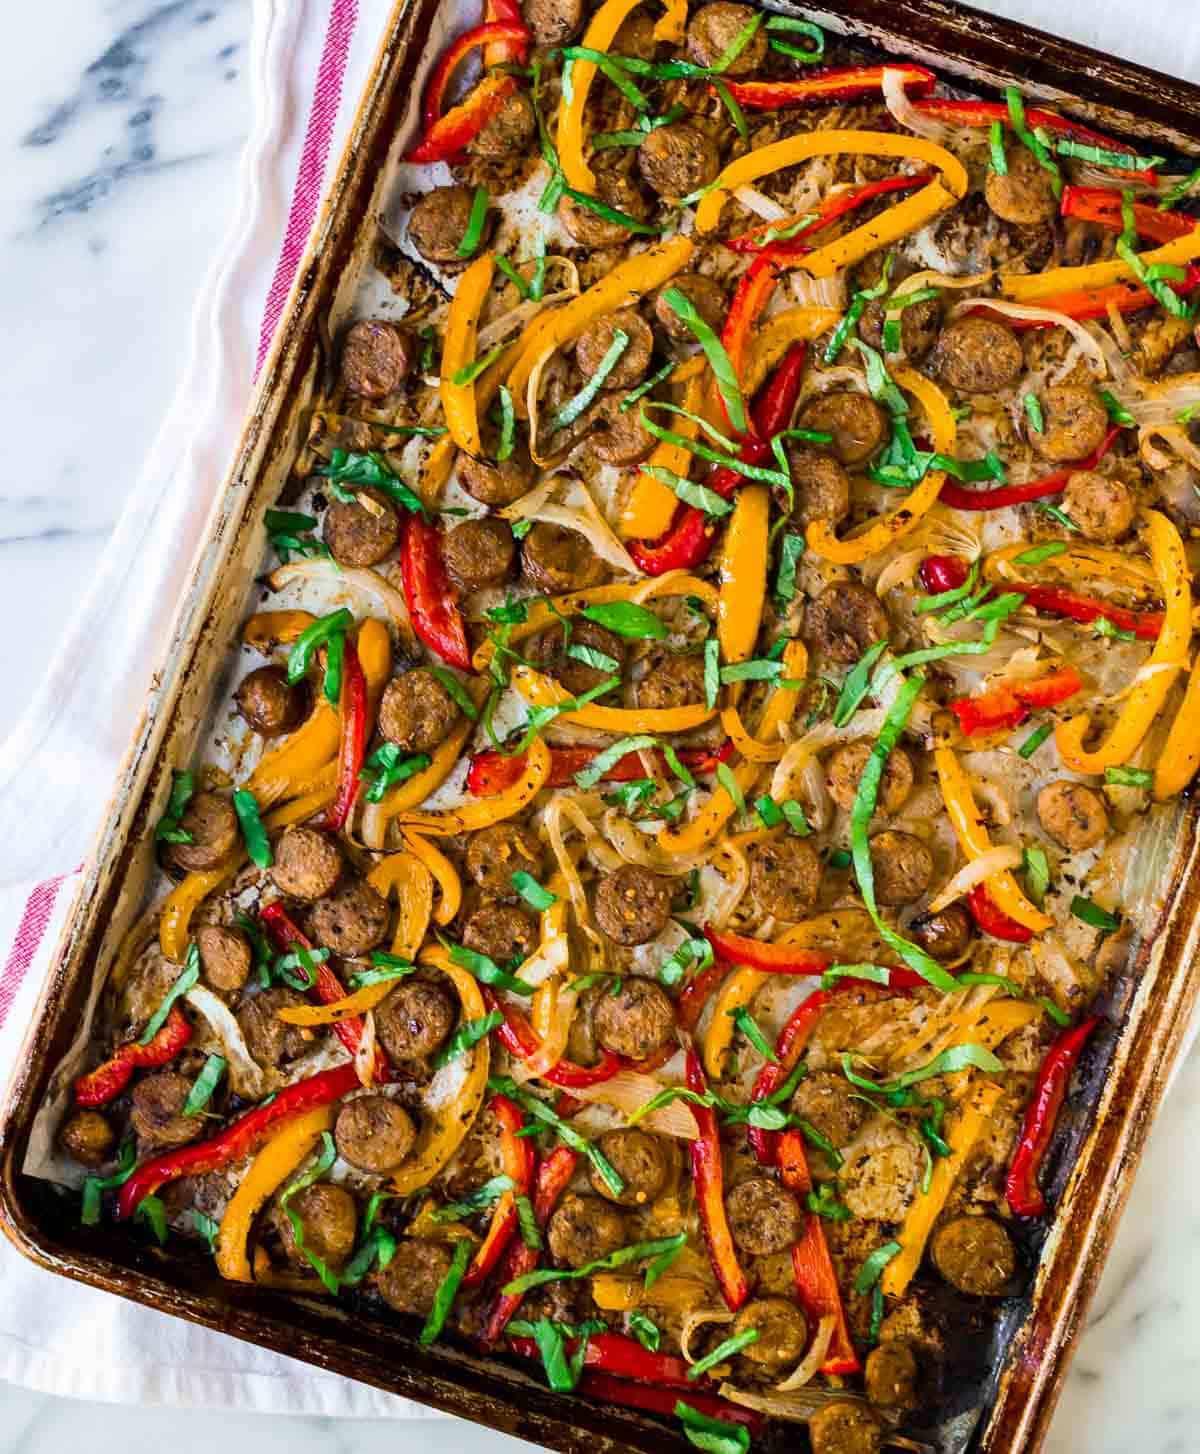 Salchicha italiana y pimientos en un plato.  Jugosa salchicha italiana dulce o salchicha italiana picante, pimientos y cebollas, ¡cocinados en una sartén!